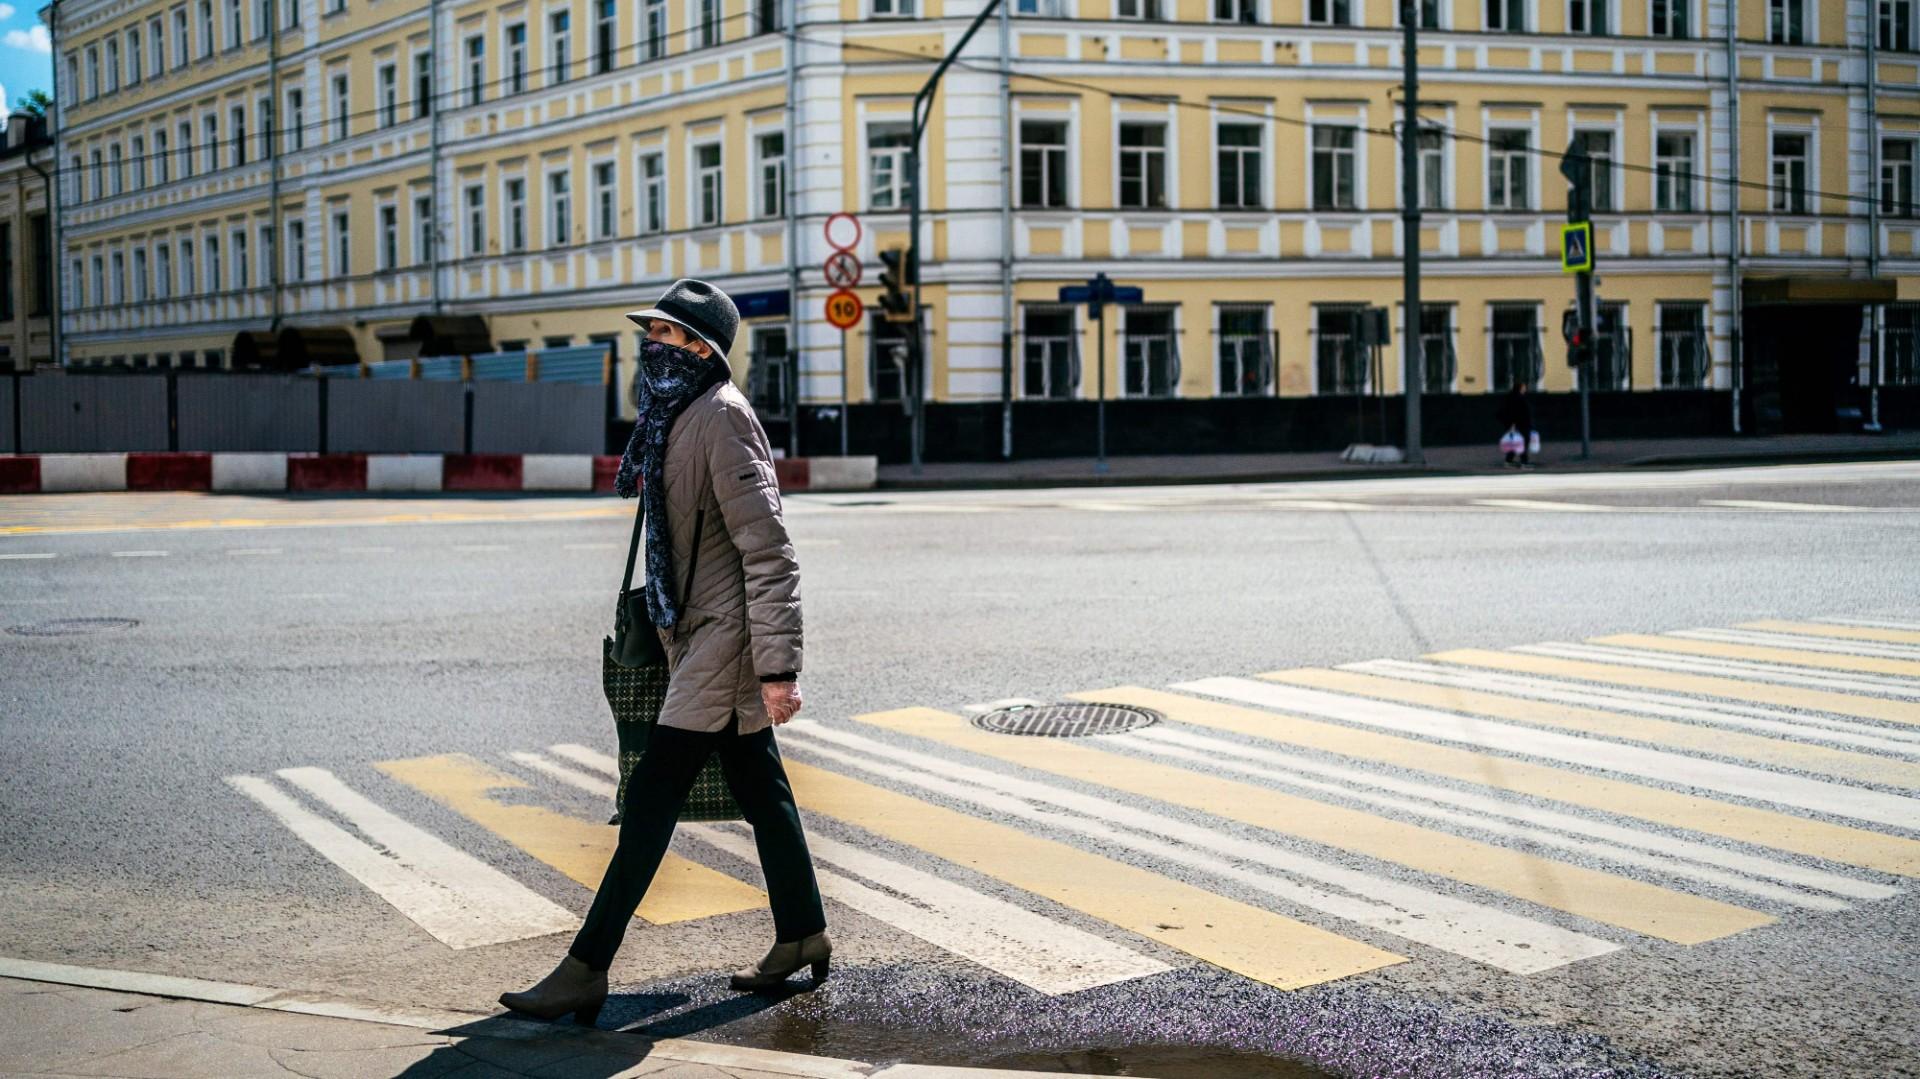 Rusia registra 232 fallecidos diarios con coronavirus, la mayor cifra desde el inicio de la pandemia